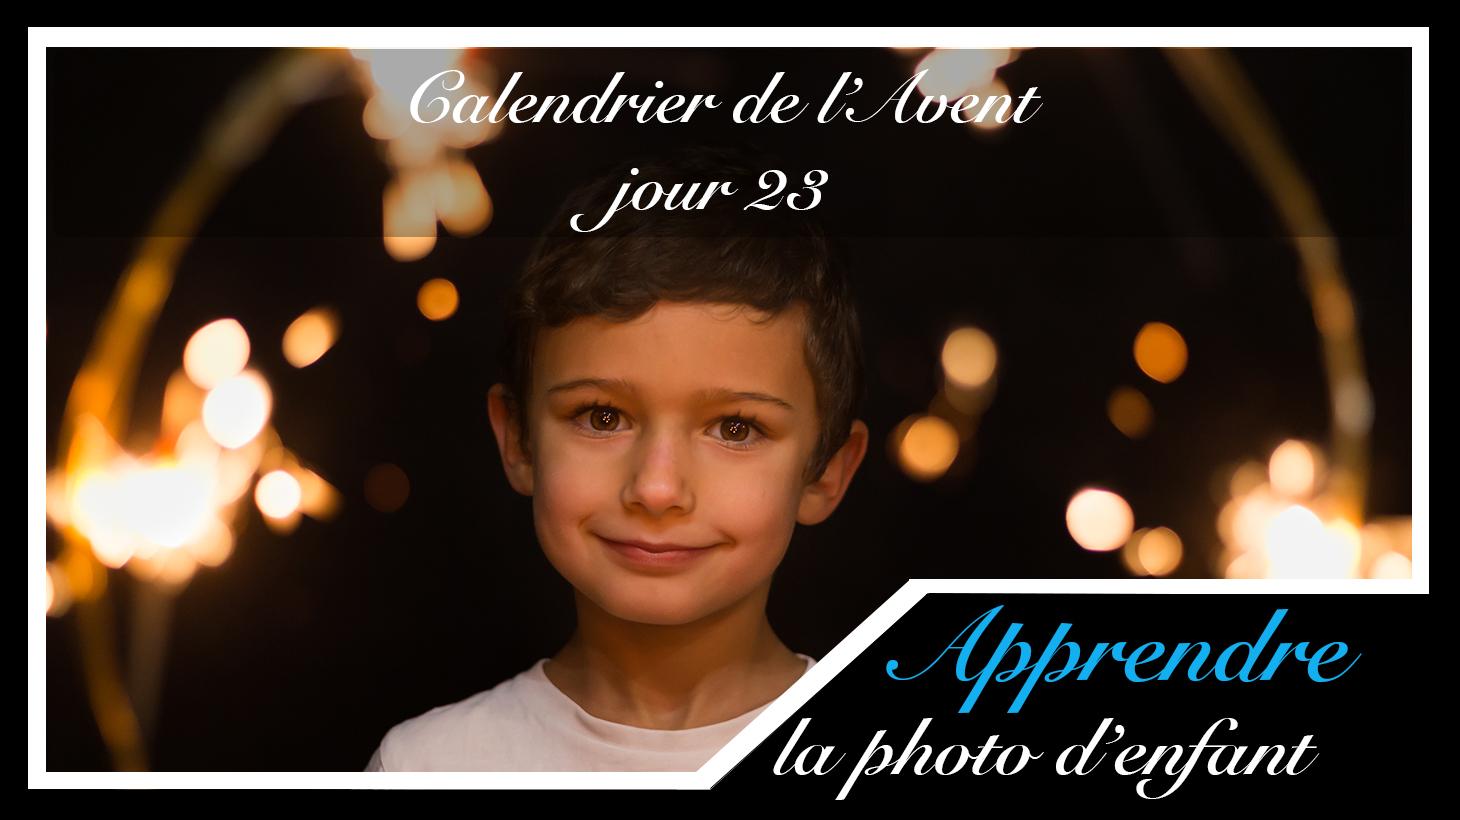 Jour 23 – Calendrier de l'Avent spécial Photo d'enfant